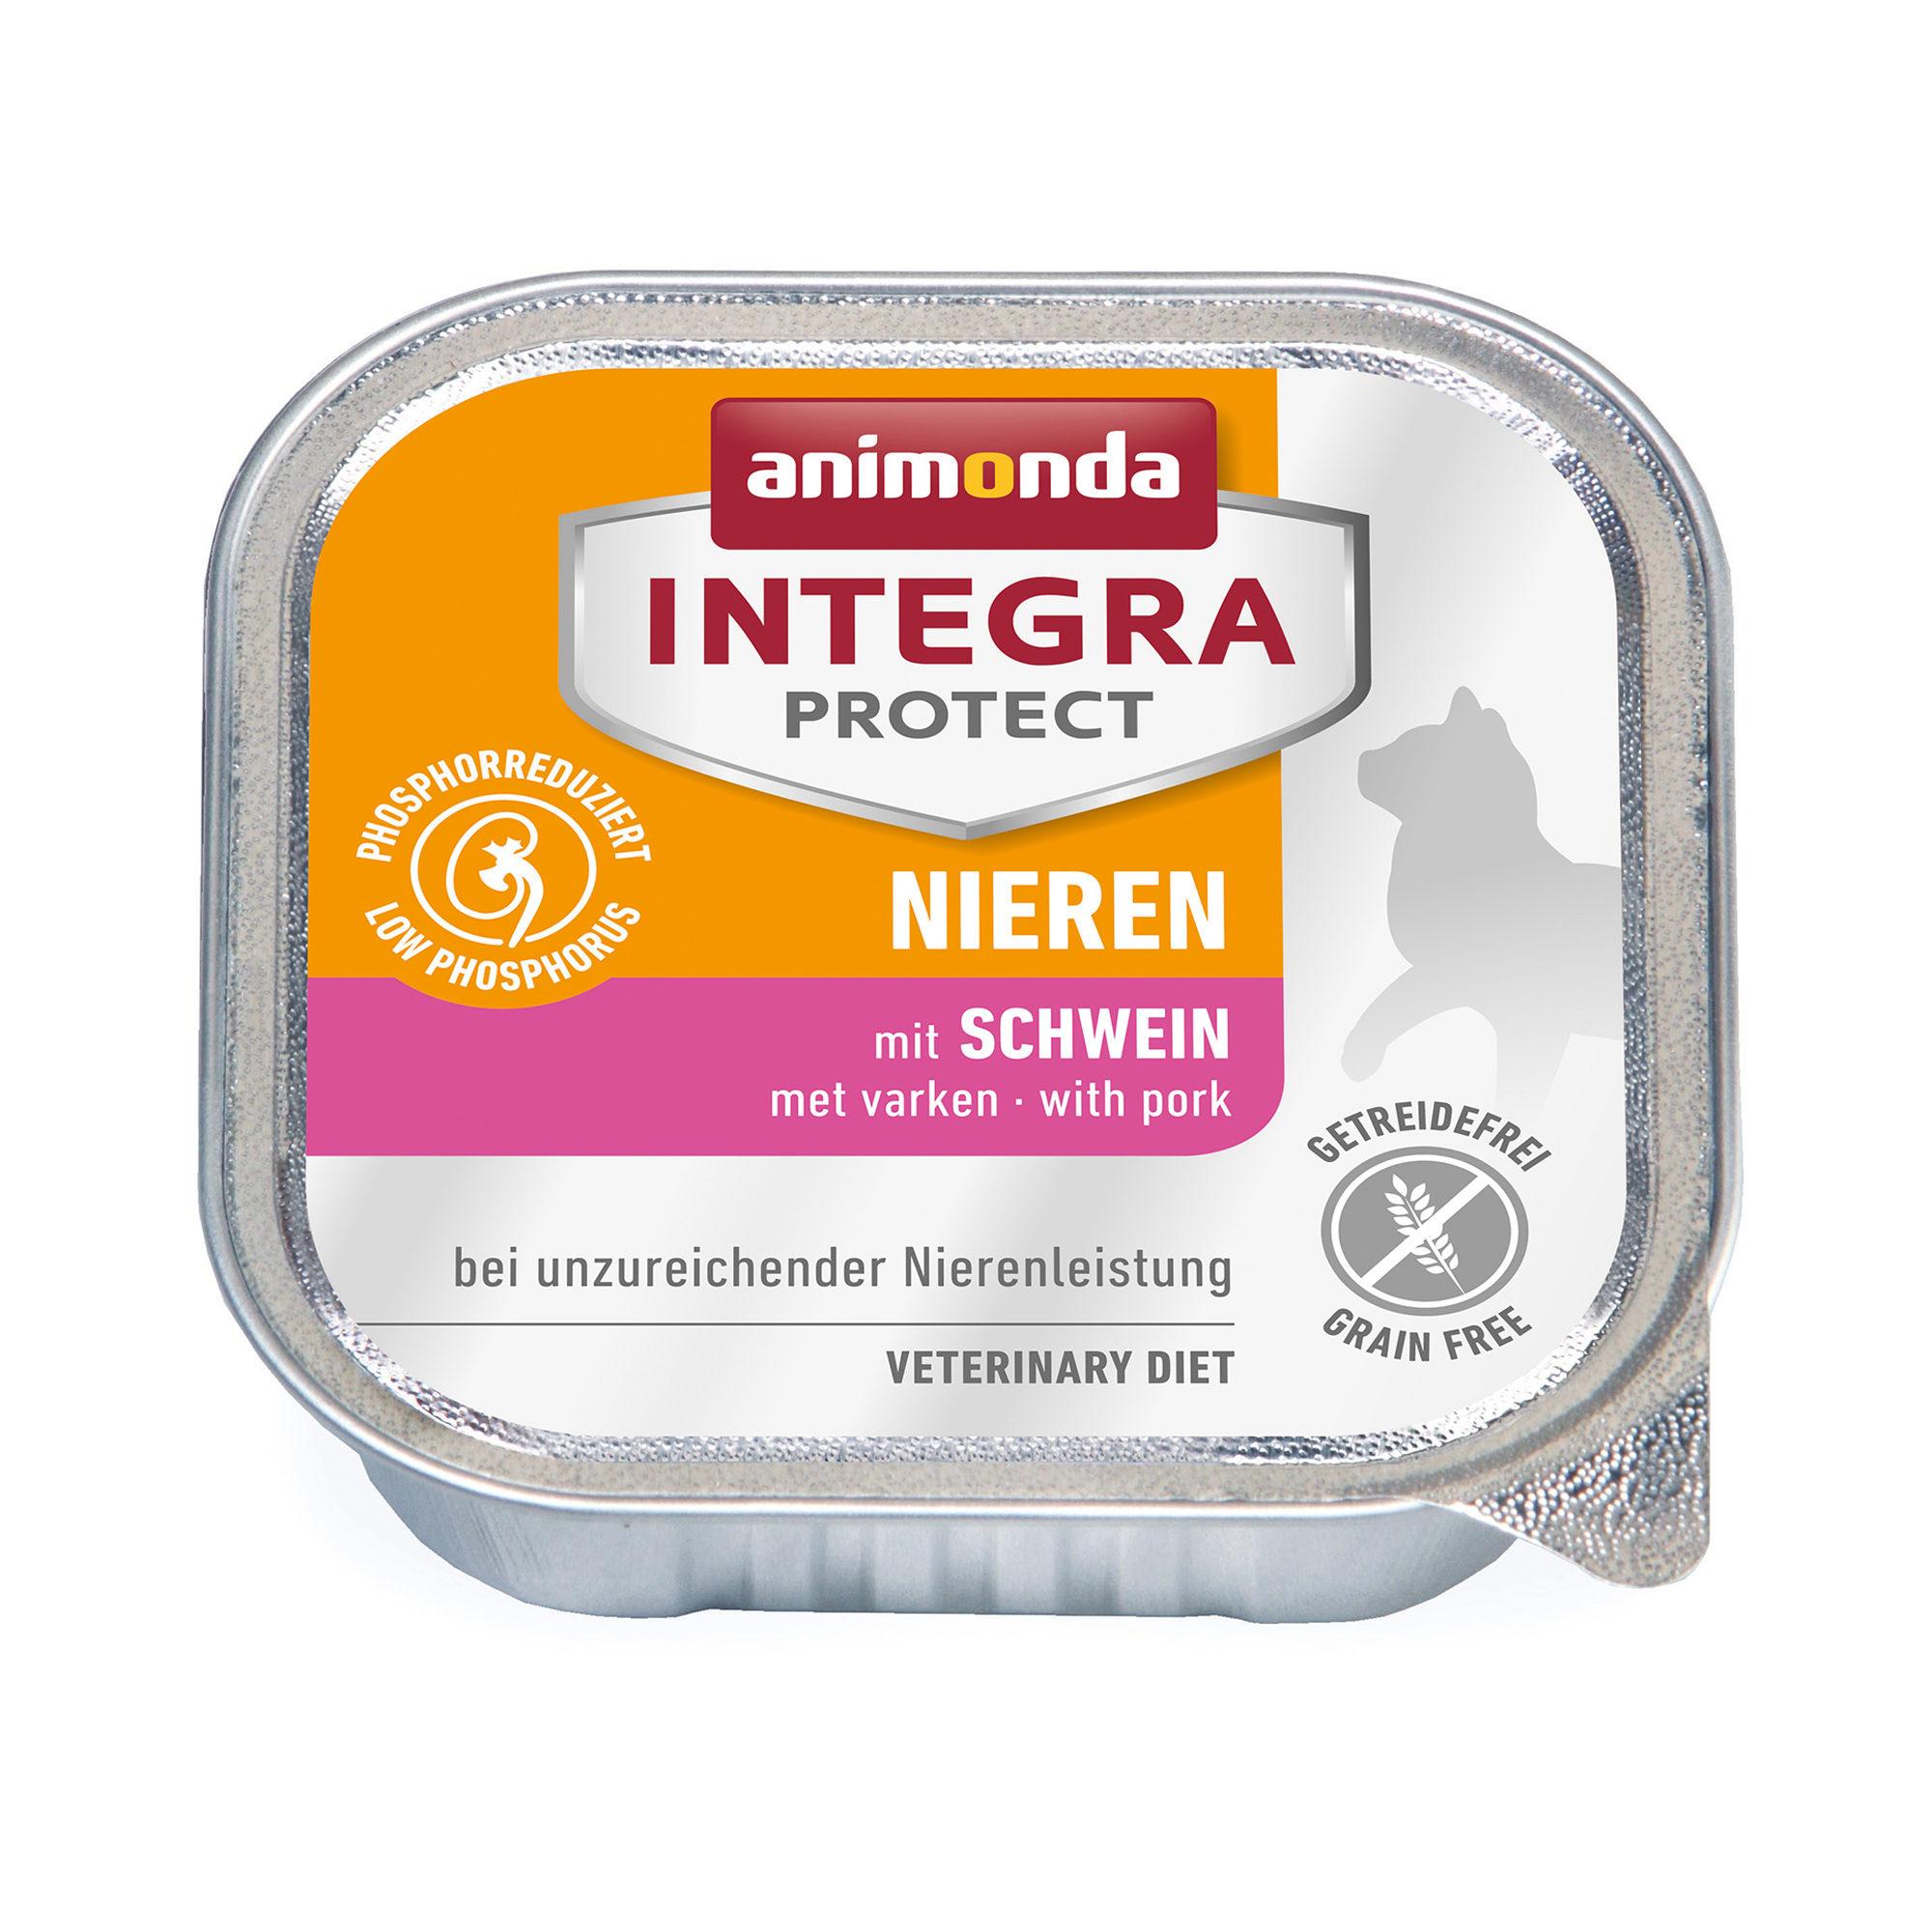 Animonda Integra Protect Nieren Katzenfutter - Schälchen - Schwein